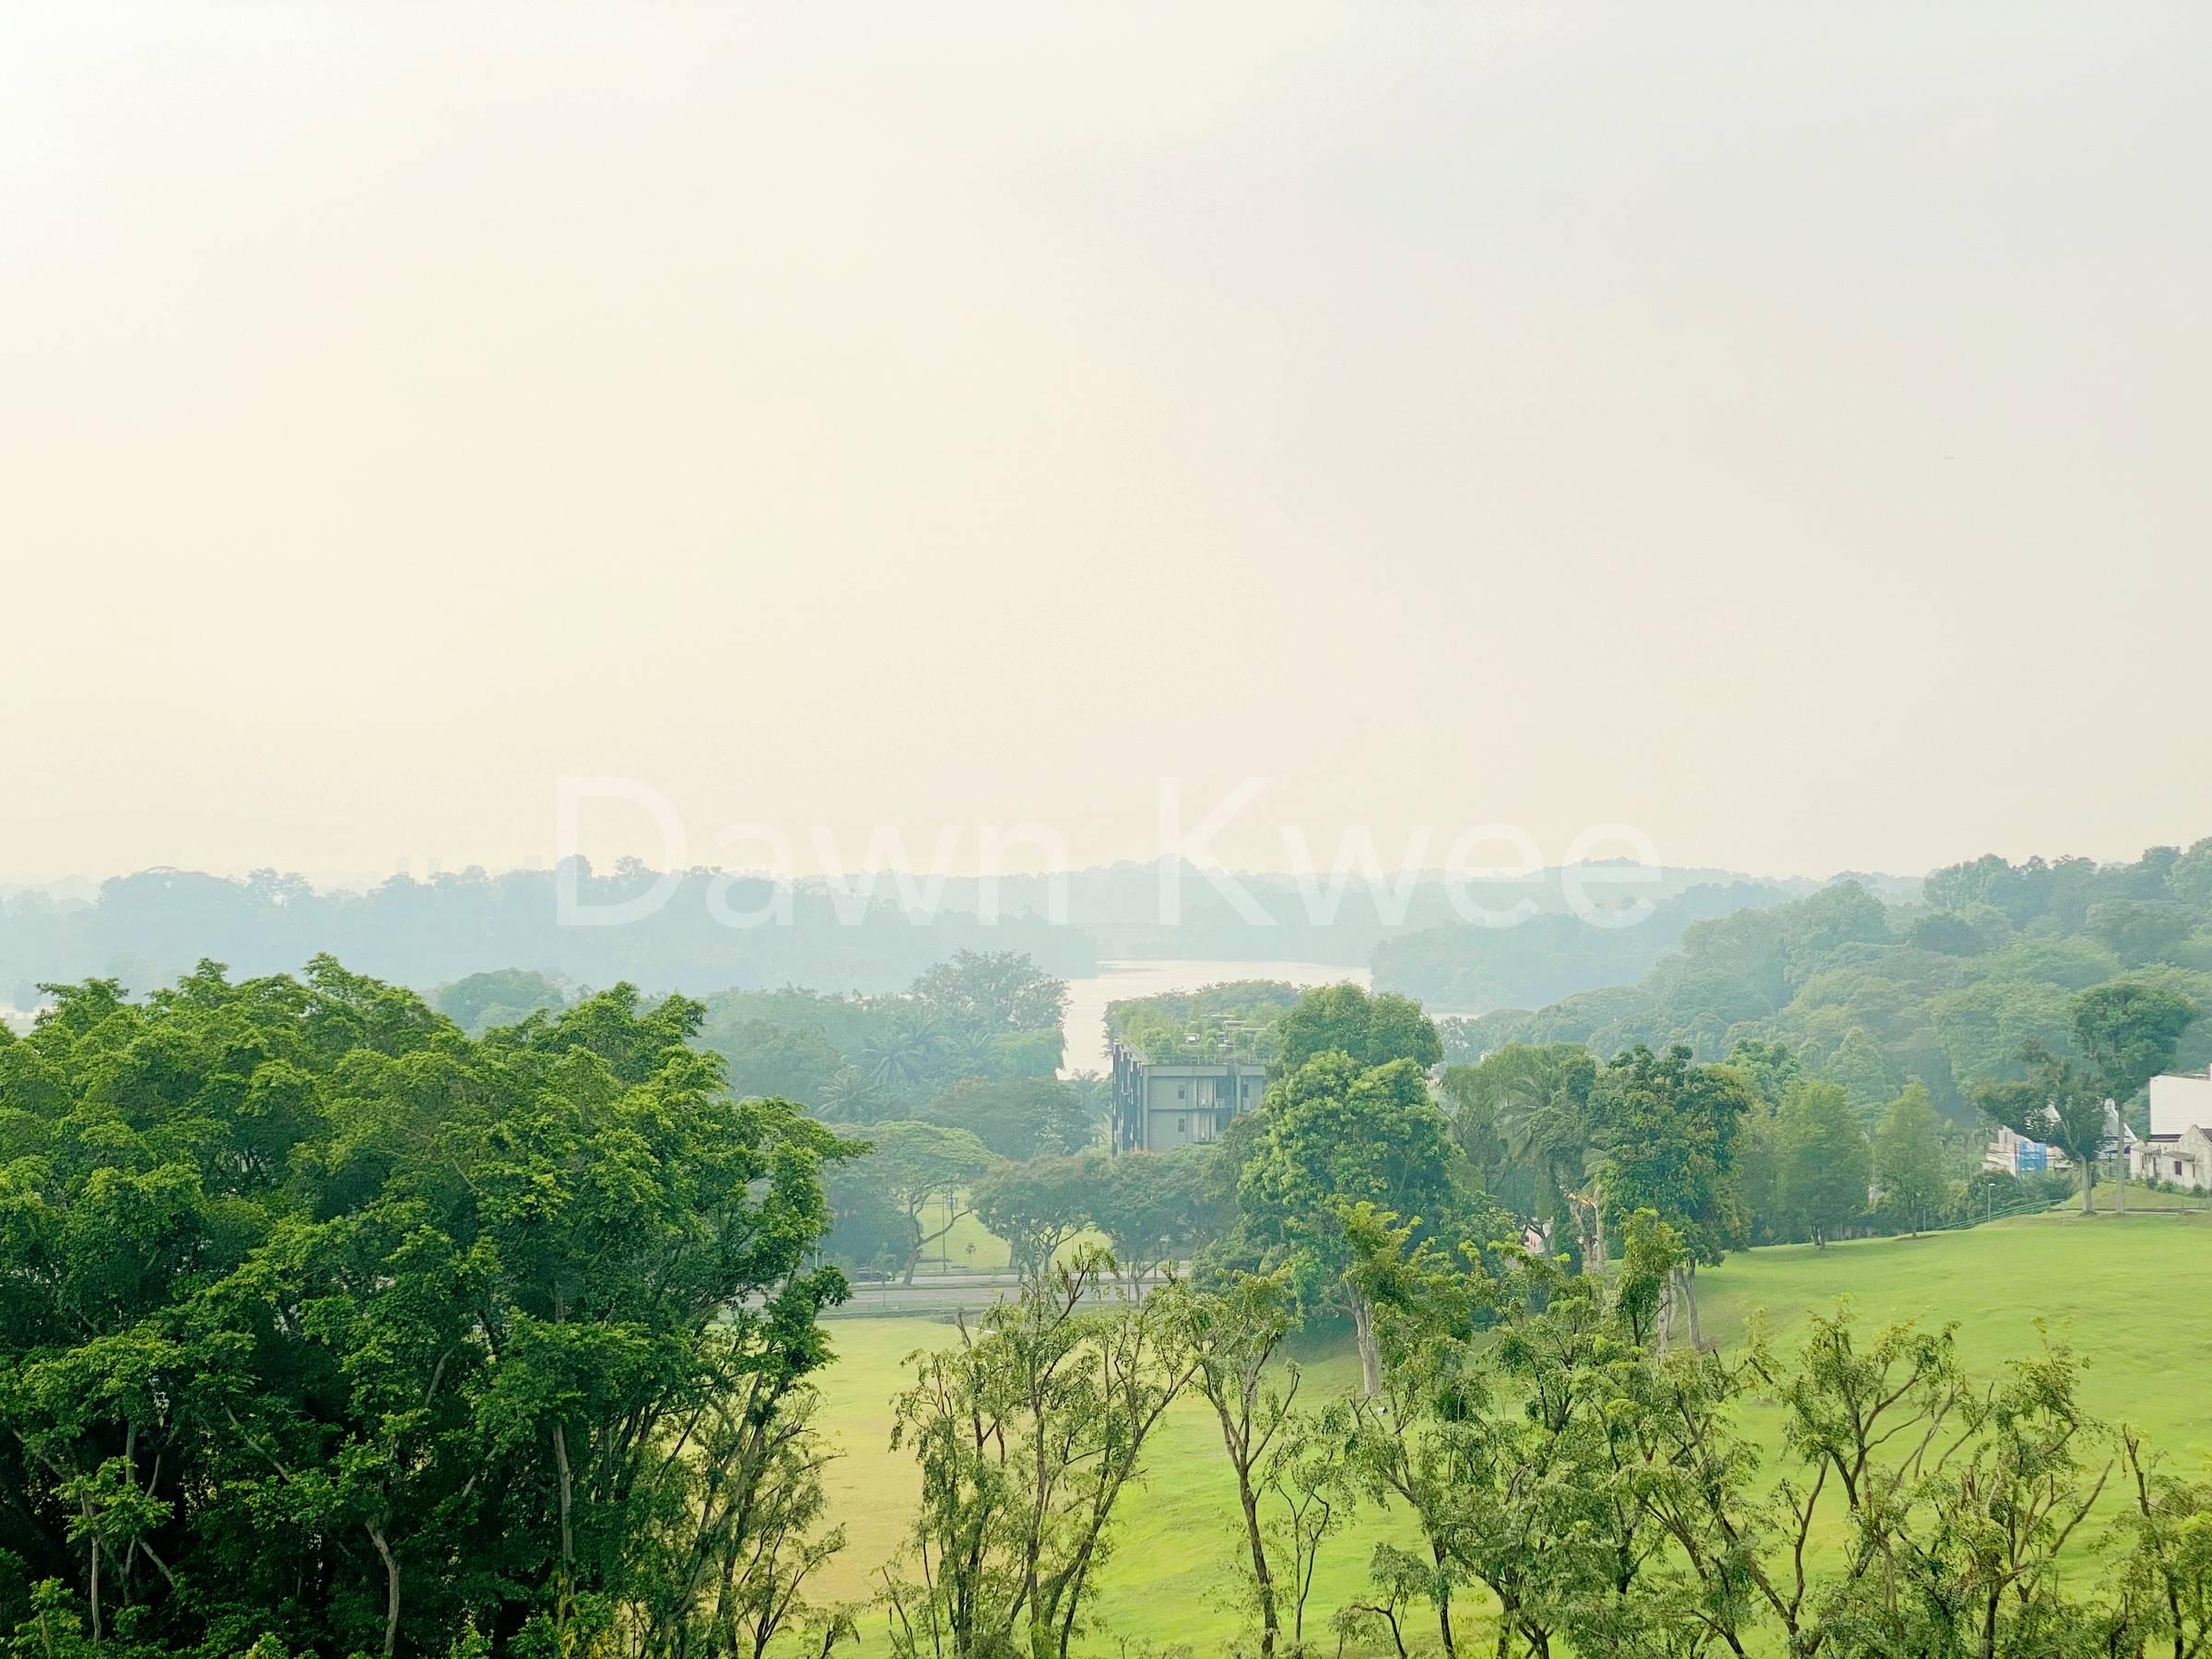 unblocked reservoir view